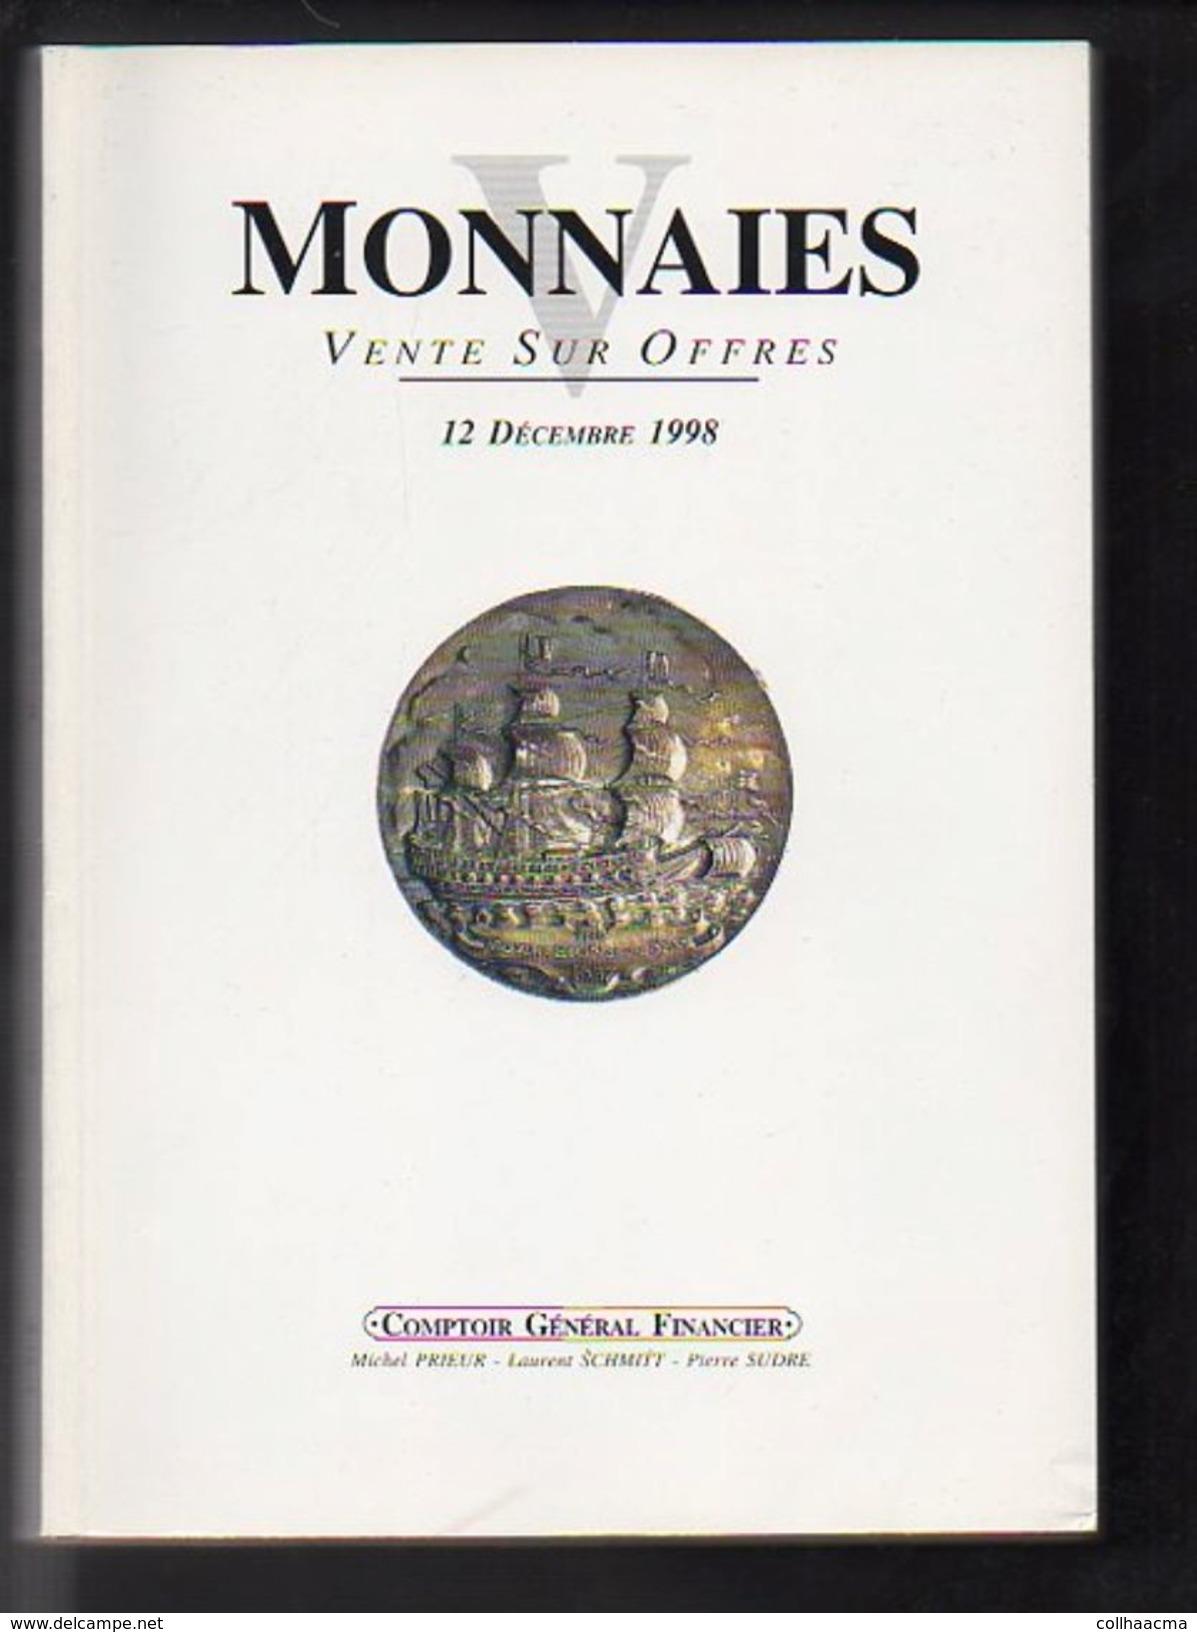 Numismatique 1998 Vente Sur Offres Monnaies N° 5 V / Comptoir Général Financier C.G.F. Voir Table Des Matières - French